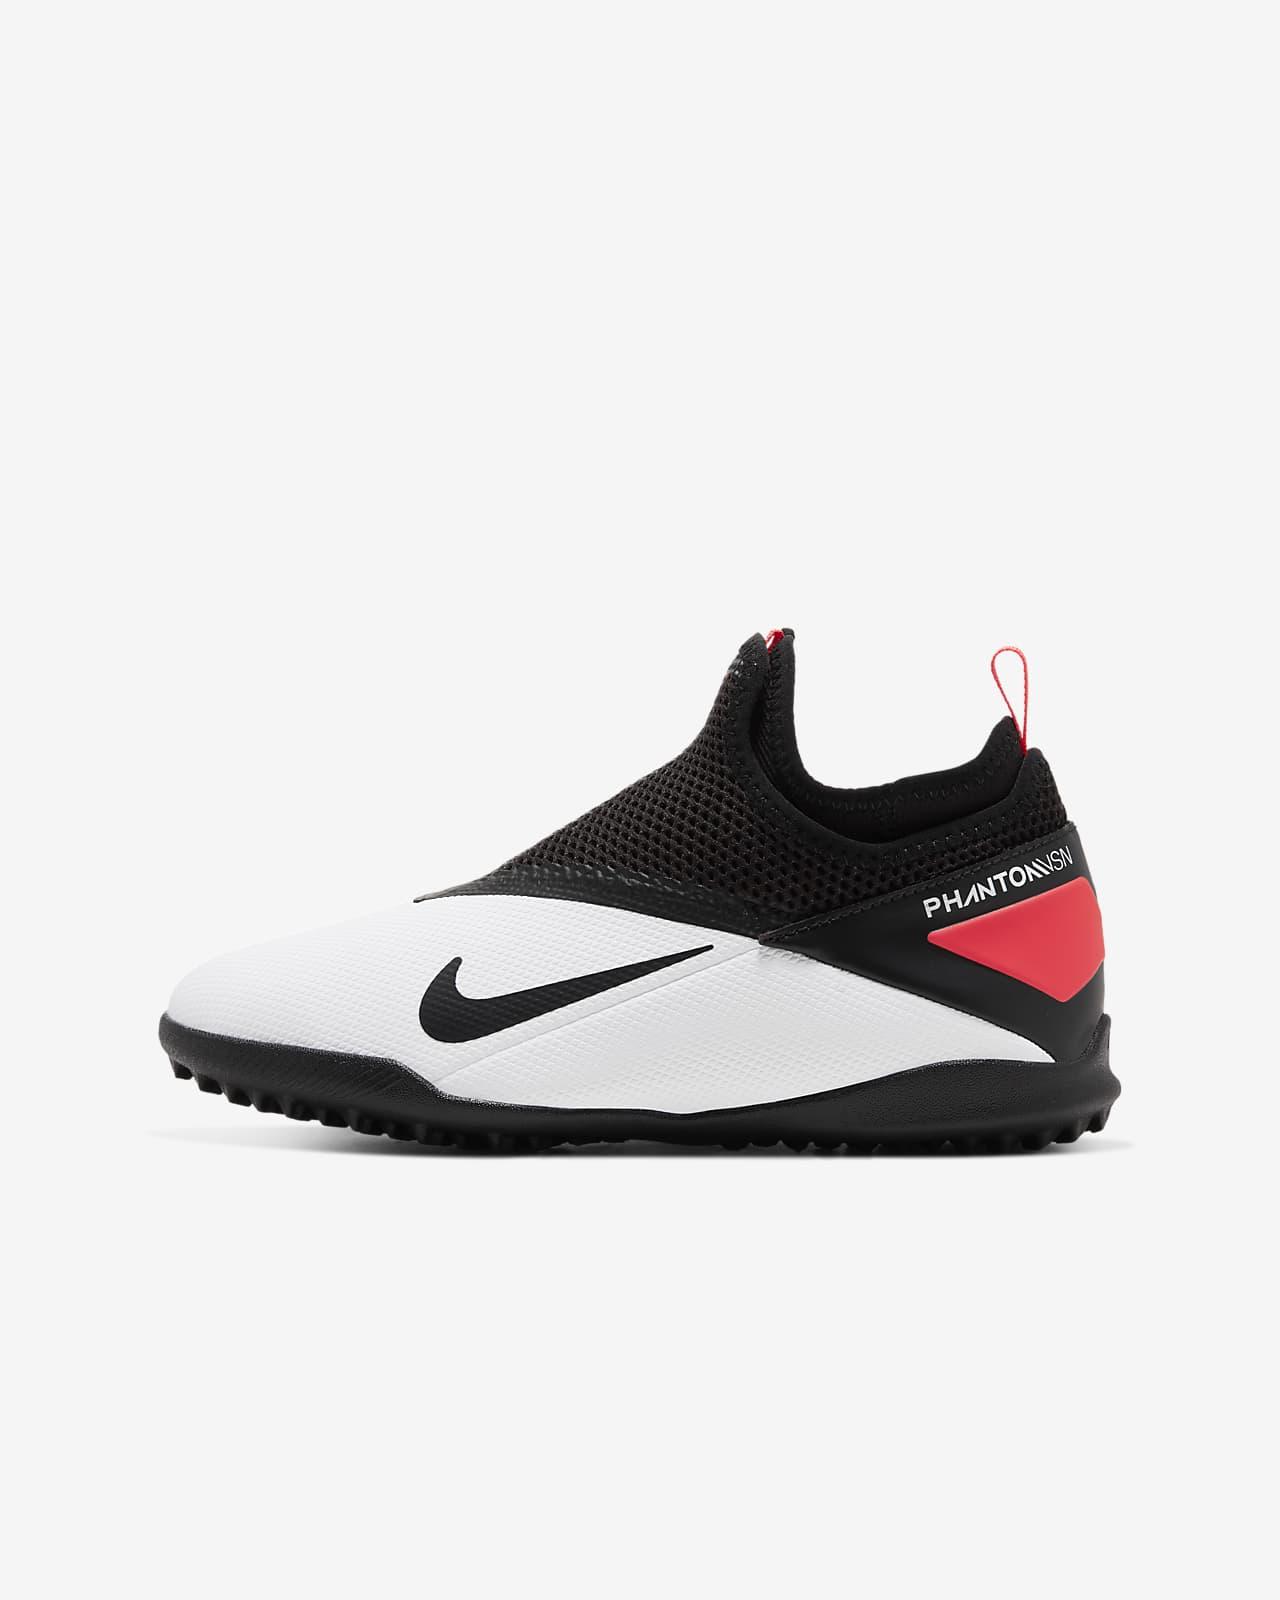 Nike Jr. Phantom Vision 2 Academy